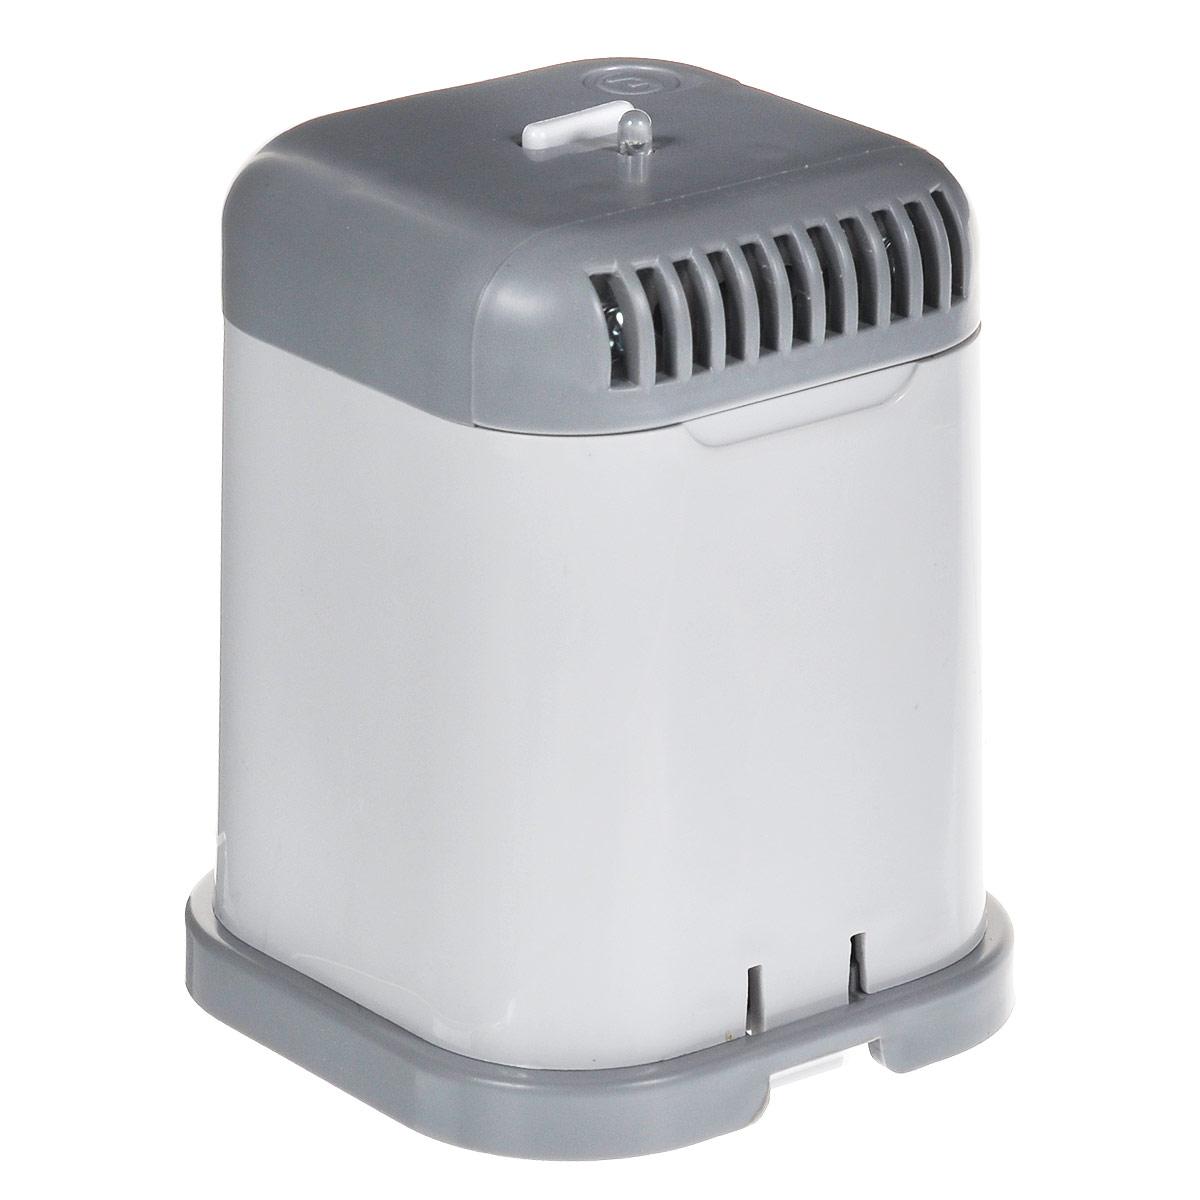 Супер Плюс для холодильника очиститель-ионизатор воздуха2024Озонатор устраняет неприятные запахи в холодильнике, дезинфицирует его стенки, продукты, замедляет процессы гниения, разложения, тем самым позволяя Вам дольше хранить продукты. Подходит для всех типов холодильных камер.Озонатор может также использоваться в шкафах и кладовках для подавления жизнедеятельности плесневых грибов, пылевых клещей, отравляющих жизнь аллергиков, и устранения запахов, например, запаха табака от одежды, для устранения неприятных запахов в туалетных и ванных комнатах.Работа прибора основана на принципе ионного ветра, который возникает в результате коронного разряда и обеспечивает движение потока воздуха через очистную камеру прибора, при этом происходит озонация воздуха и его насыщение отрицательными аэроионами. Вырабатываемый прибором озон, обладает бактерицидным действием, что приводит к подавлению жизнедеятельности различных микроорганизмов, плесневых грибков и т.д.Питание: 4 батарейки типа С